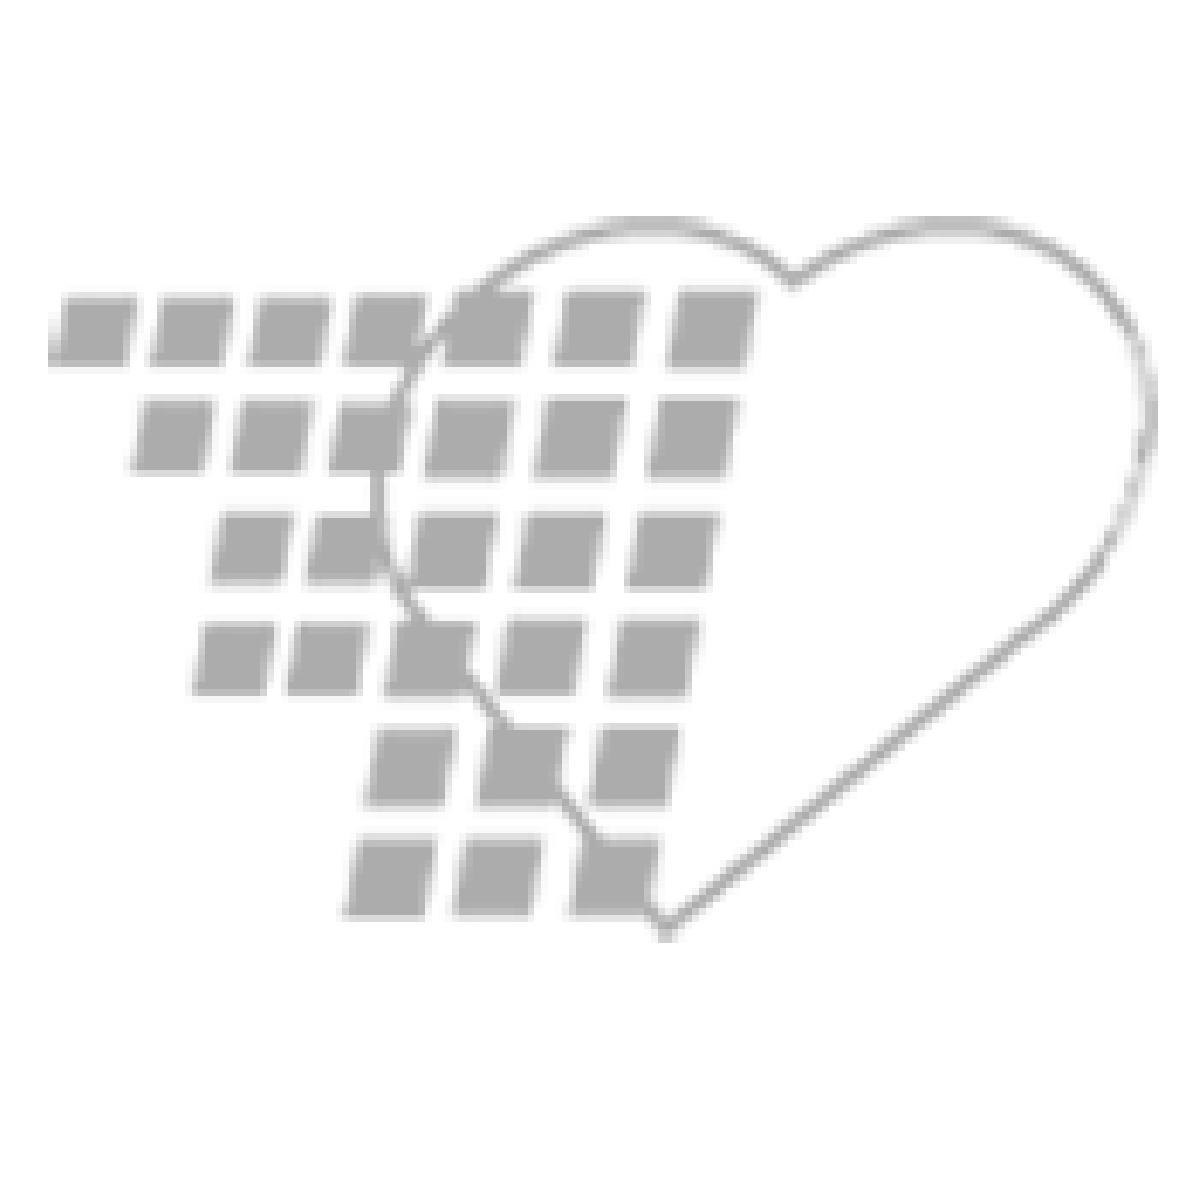 02-20-2218-ADLT Rollstand Aneroid